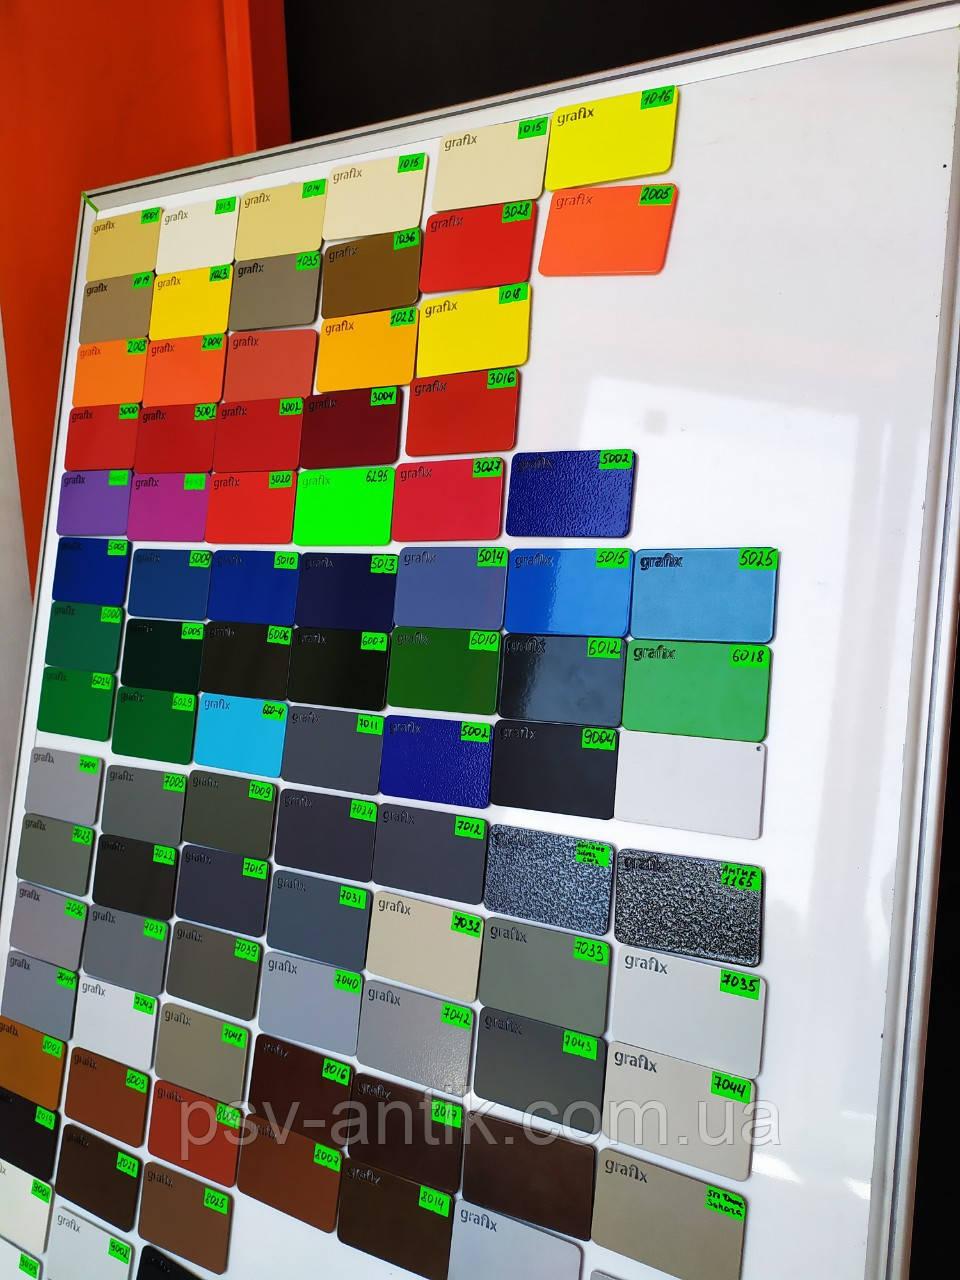 Порошковая краска матовая, полиэфирная, архитектурная, 5010